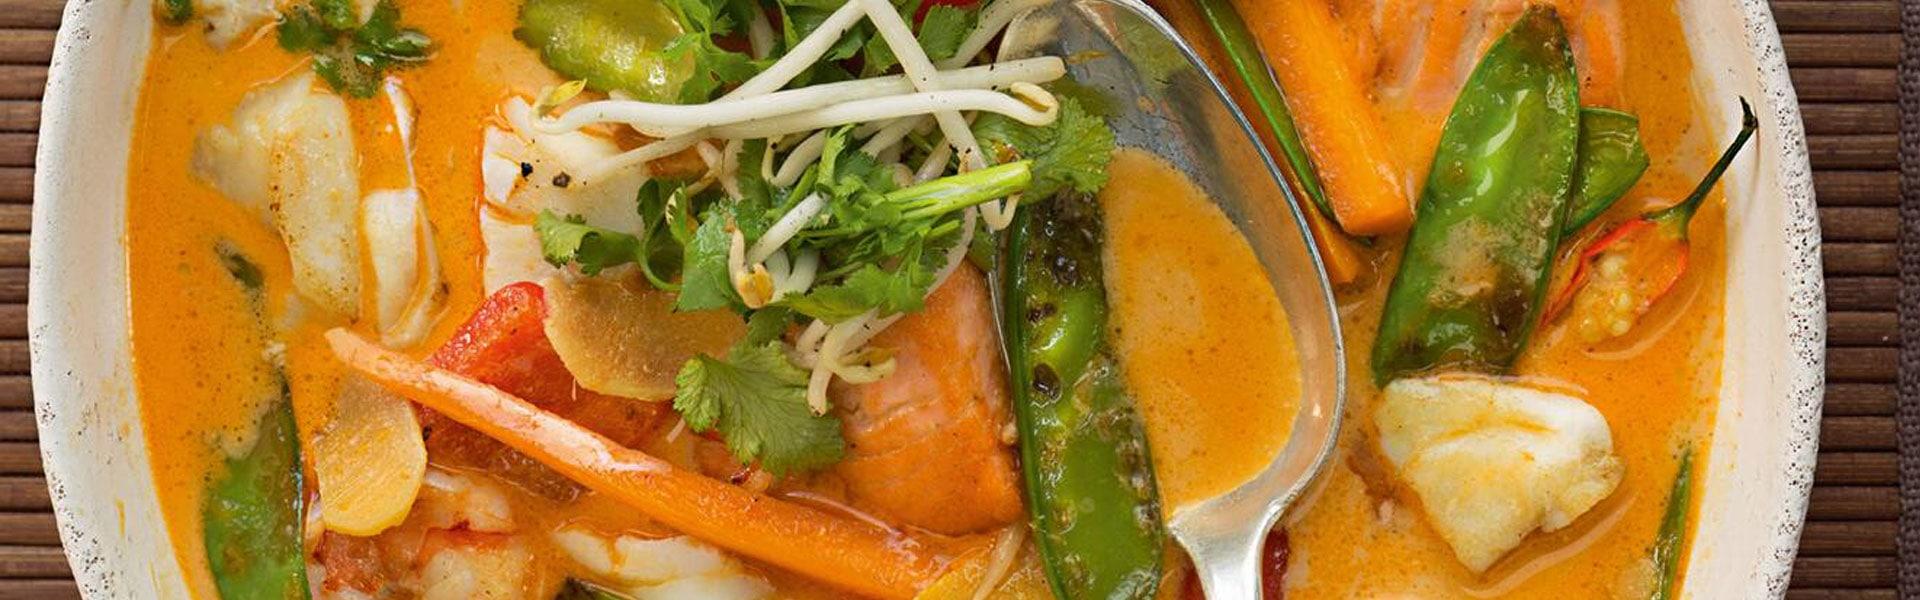 Fisch-Curry mit Gemüse